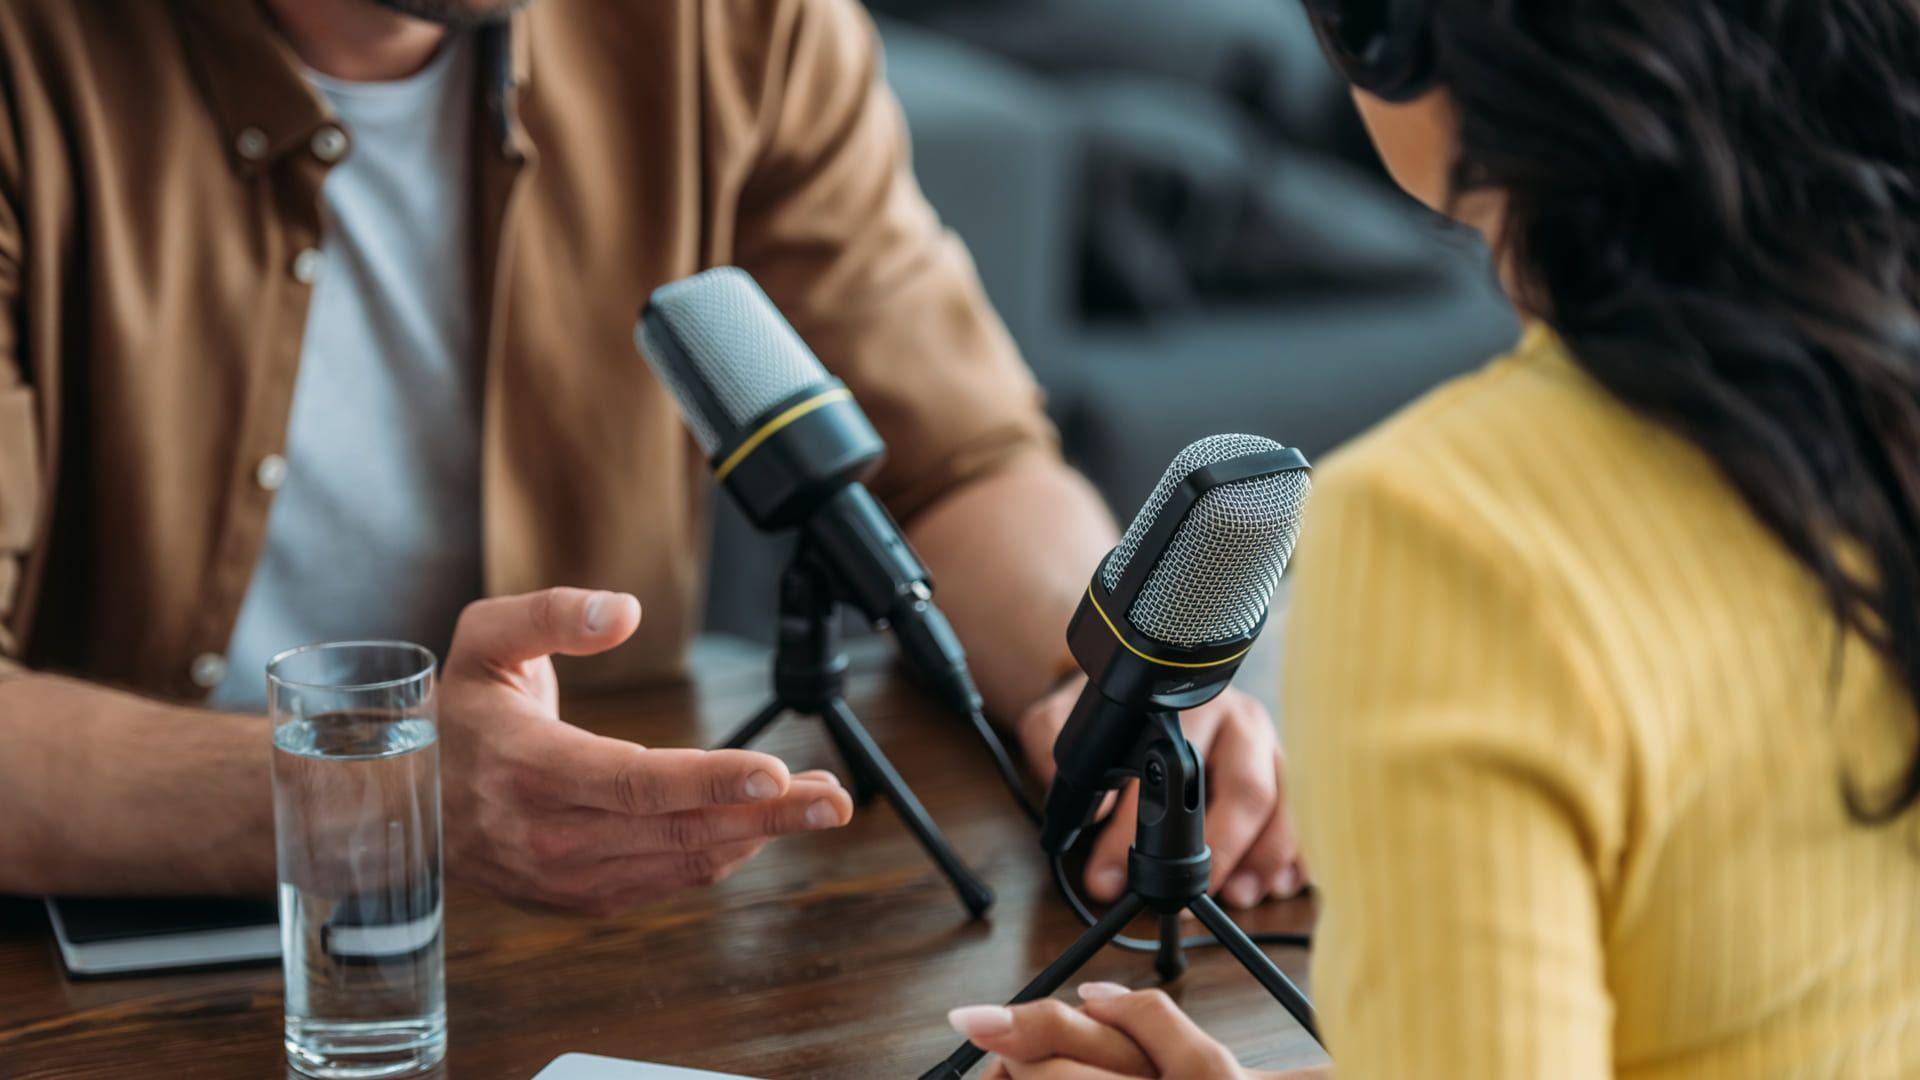 A popularidade do podcast cresceu nos últimos anos (Foto: Shutterstock/LightField Studios)